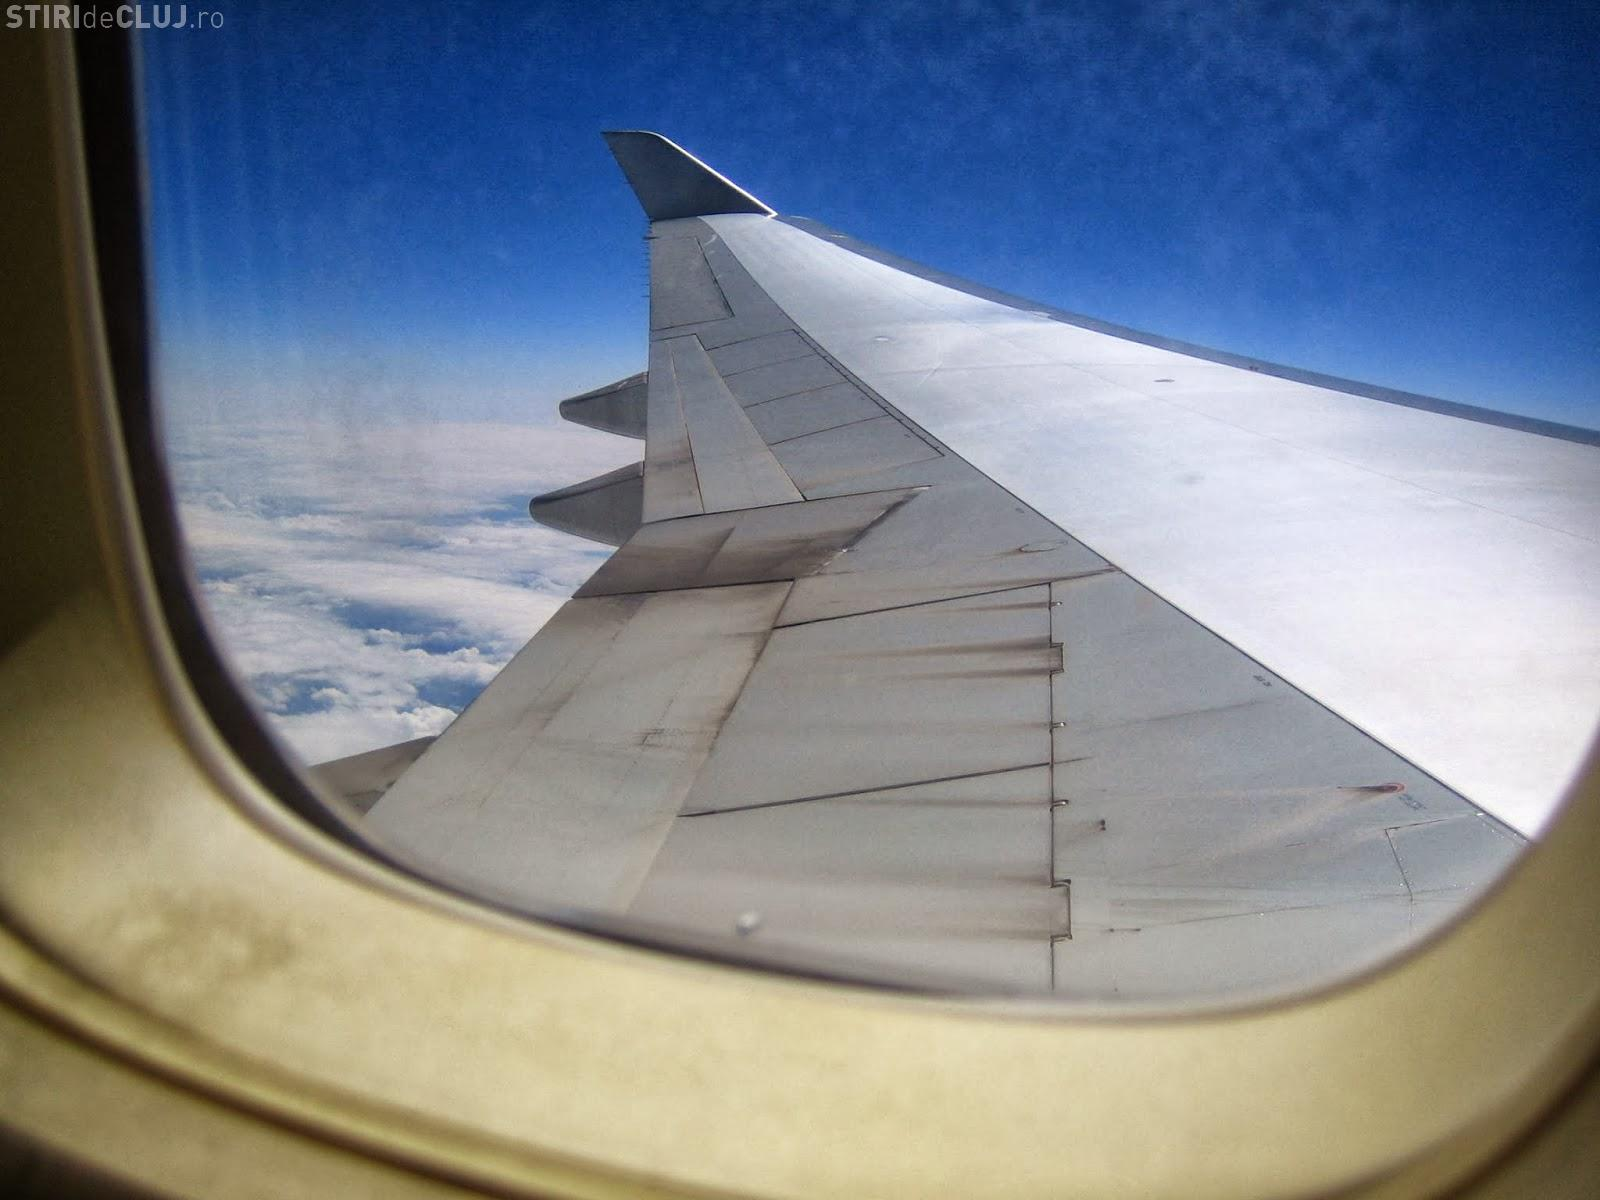 Pasagerii au privit pe geam și au rămas împietriți de ce era pe aripa avionului